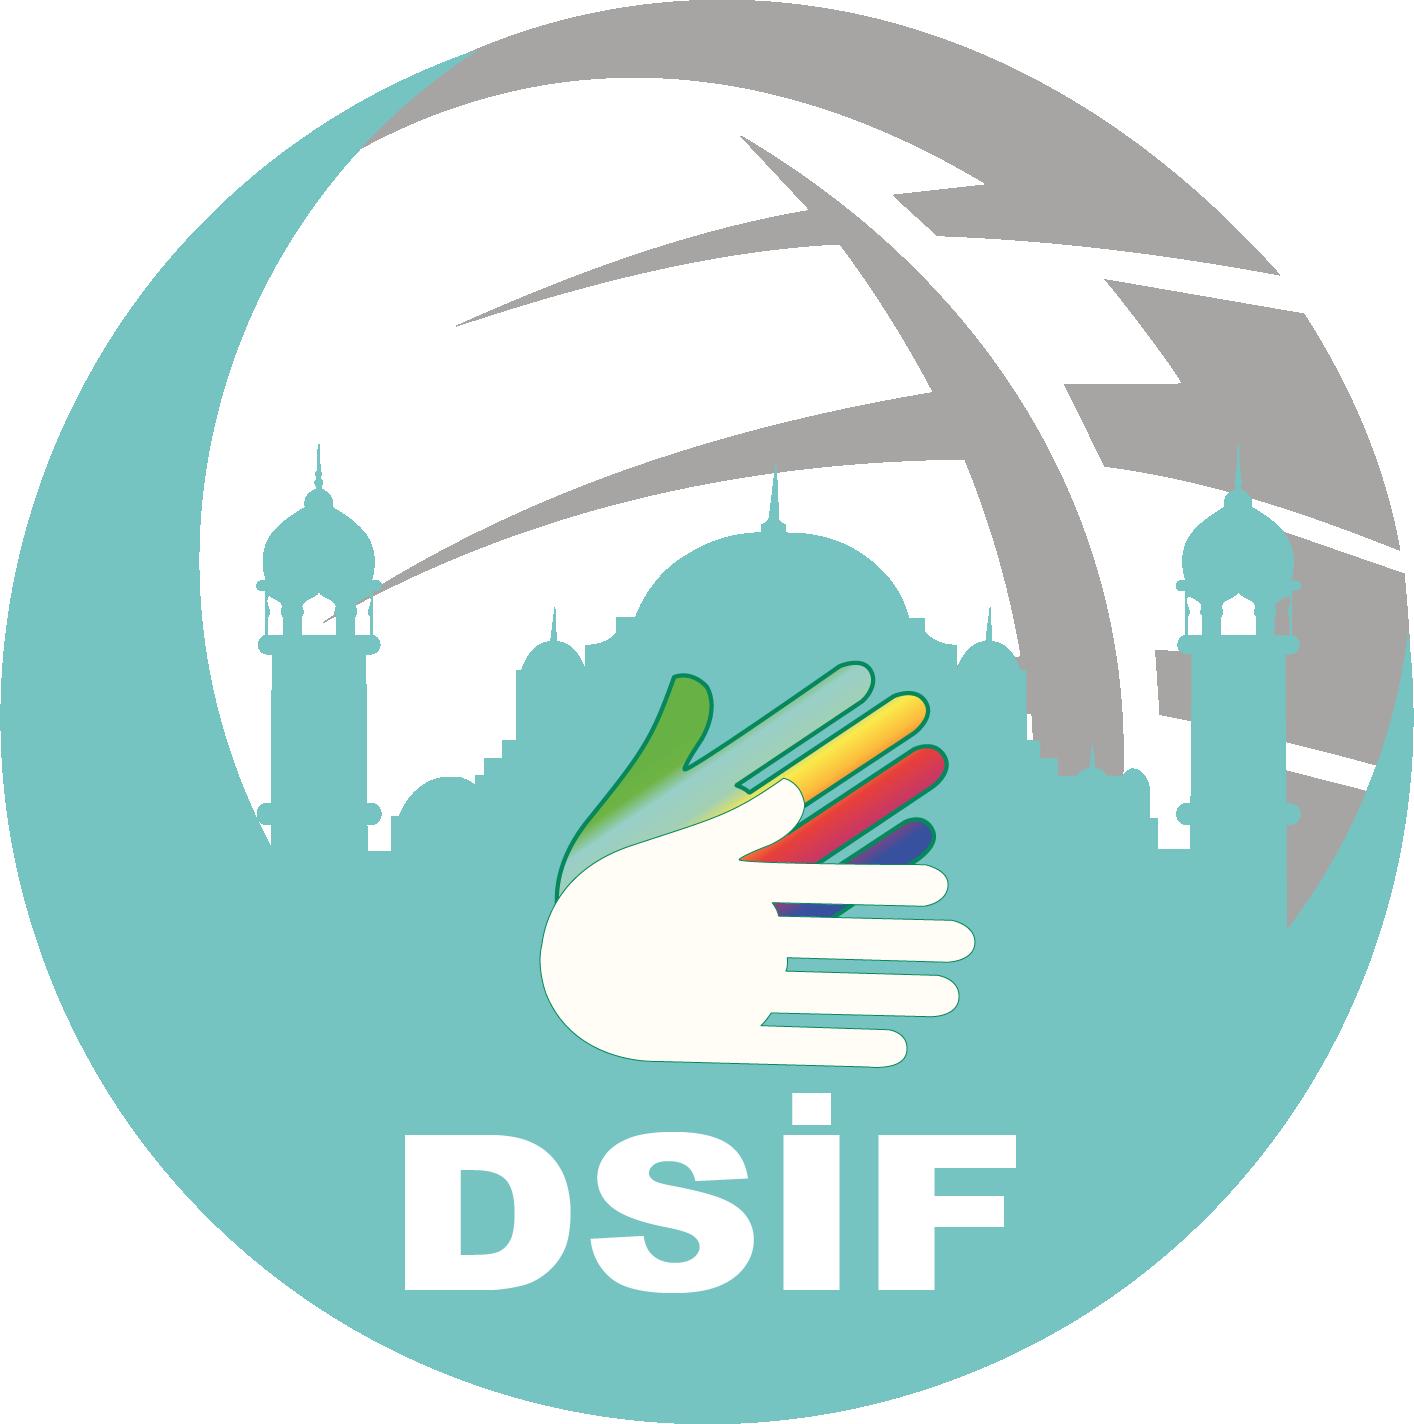 DSİF - Dünya Sağırlar İslam Federasyonu